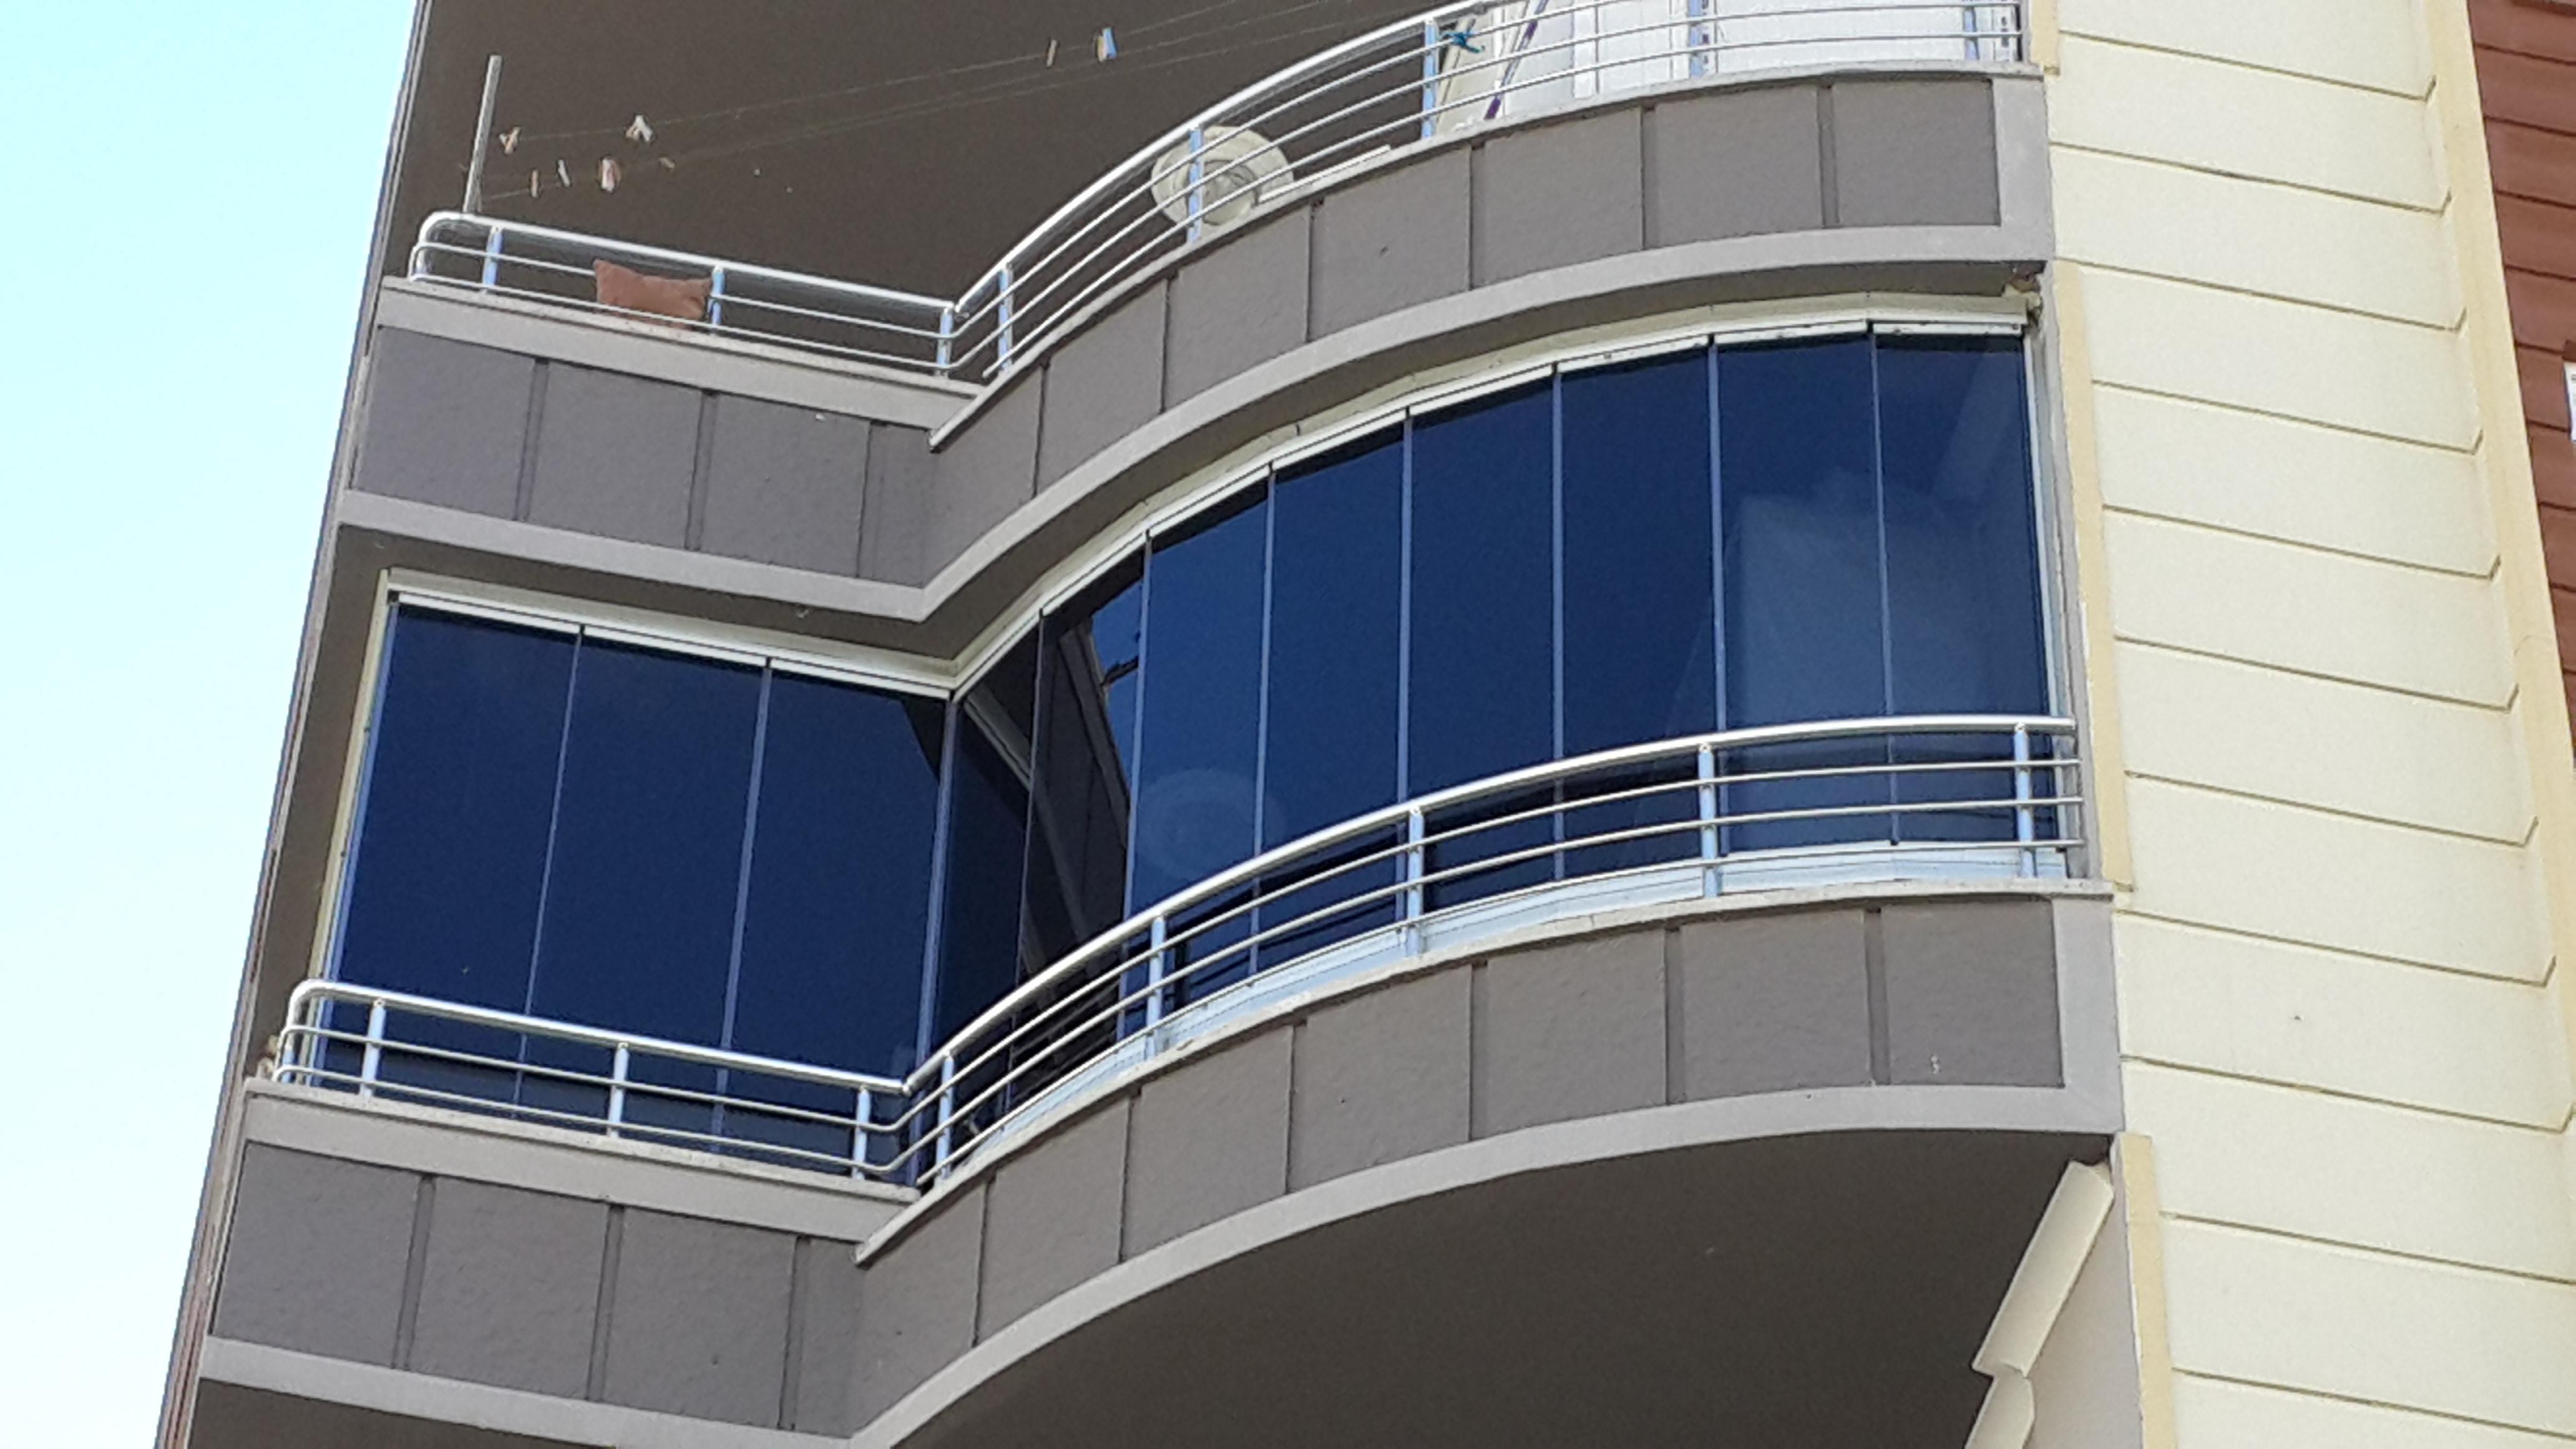 Cekmekoy Cam Balkon Line Glas Cam Balkon M2 Fiyat 350tl